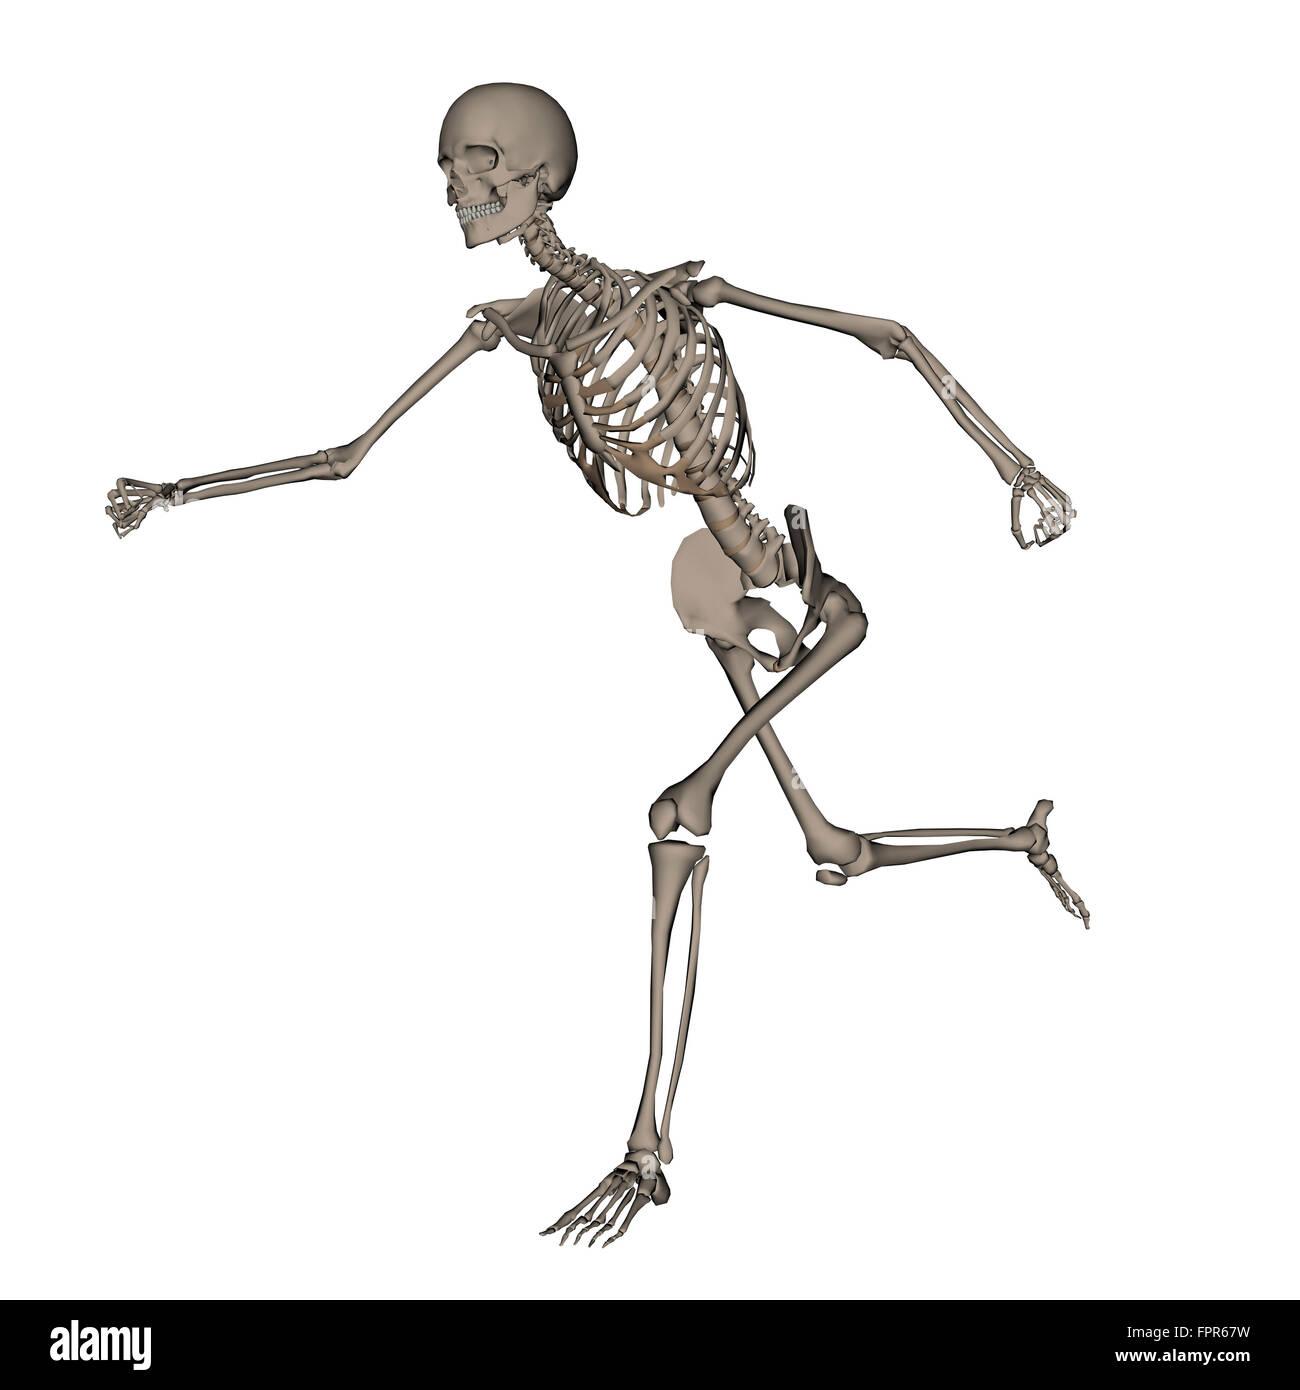 Vista anteriore dello scheletro umano in esecuzione, isolati su sfondo bianco. Foto Stock